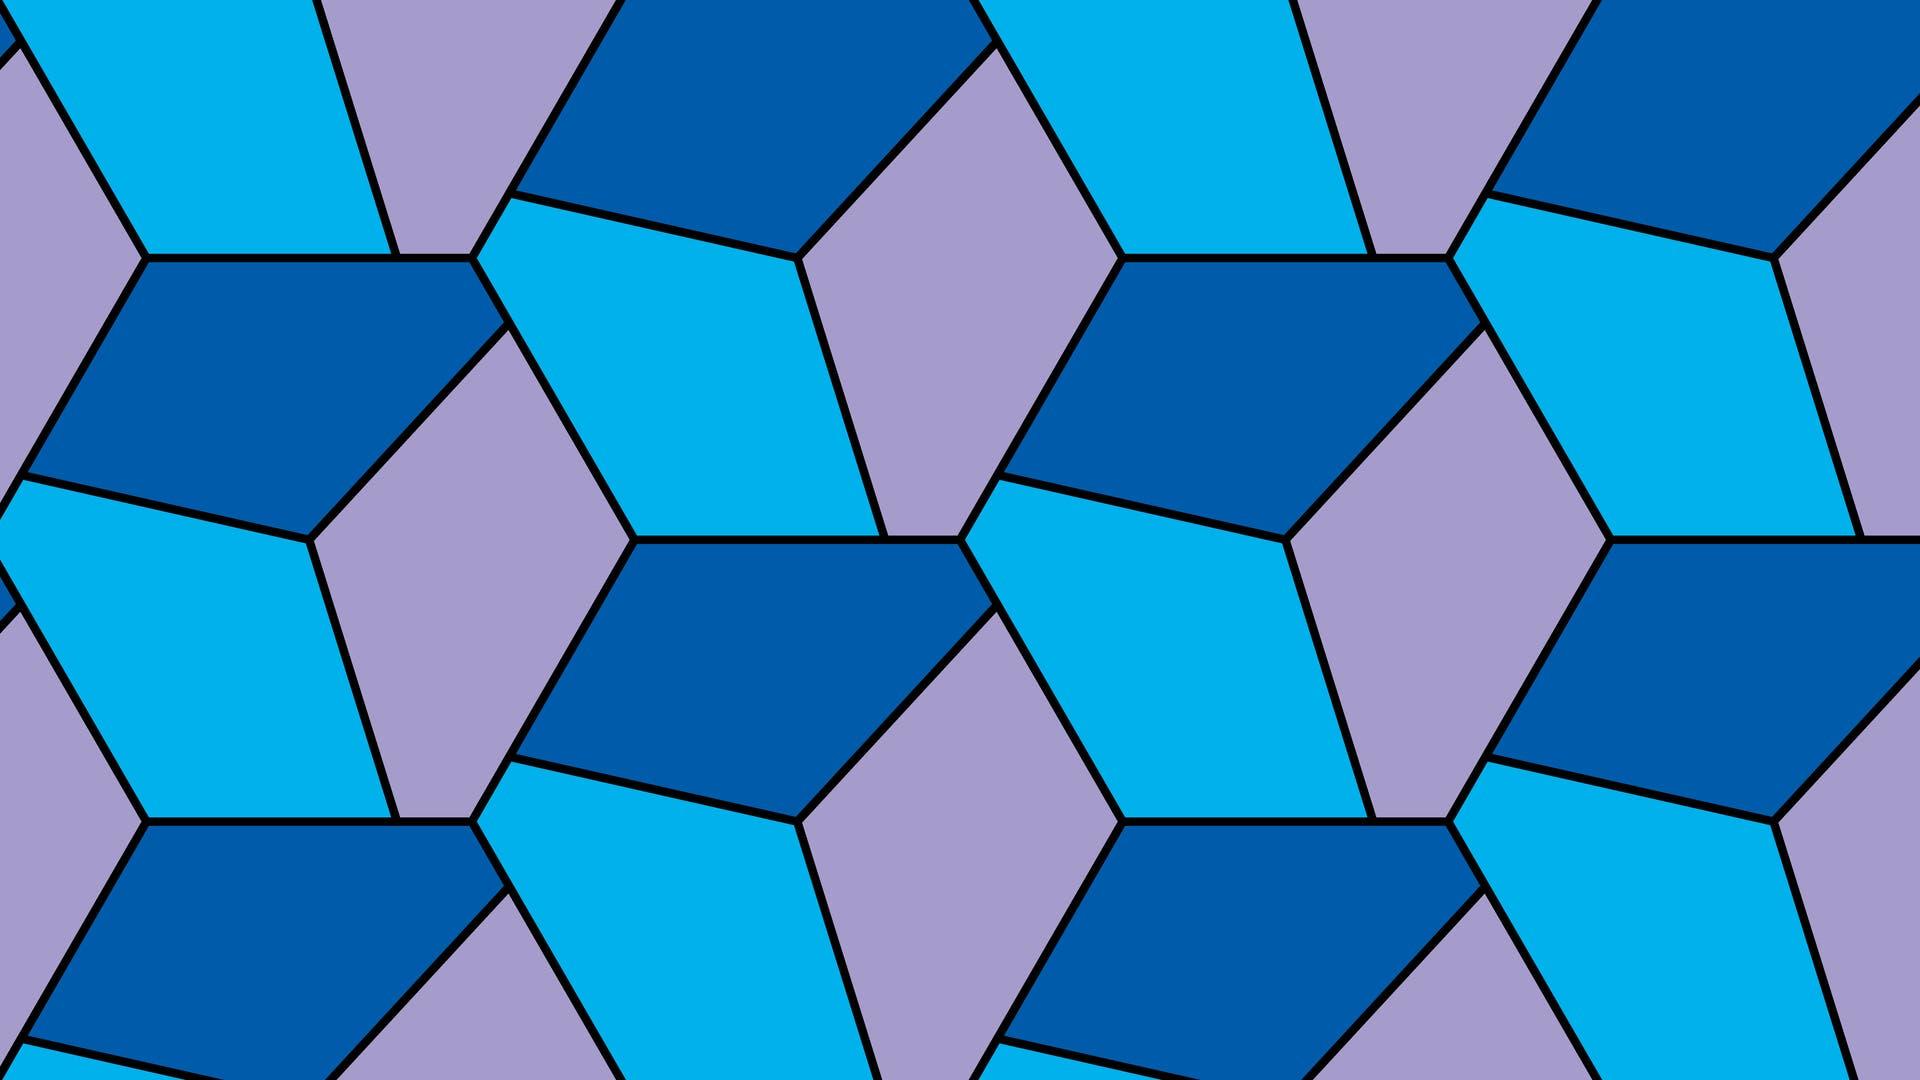 Fünfeck 3